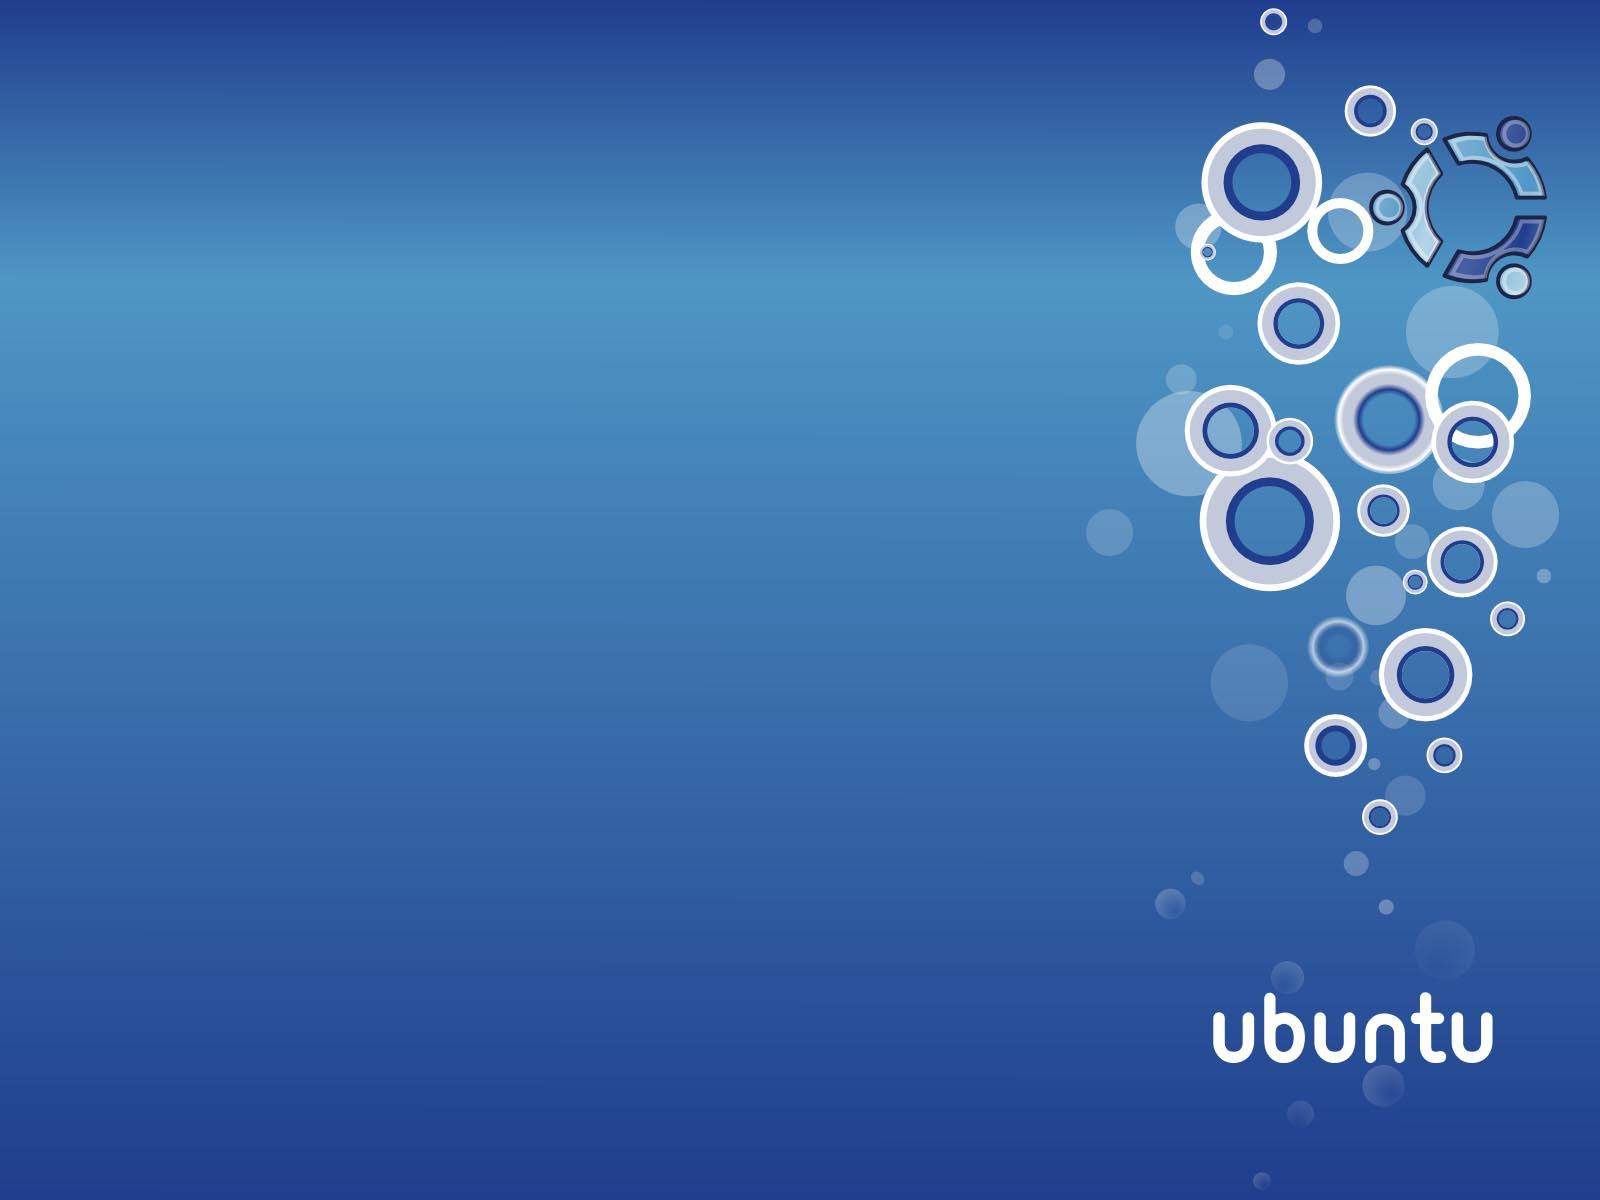 Ubuntu Wallpapers Blue wallpaper Ubuntu Wallpapers Blue hd wallpaper 1600x1200